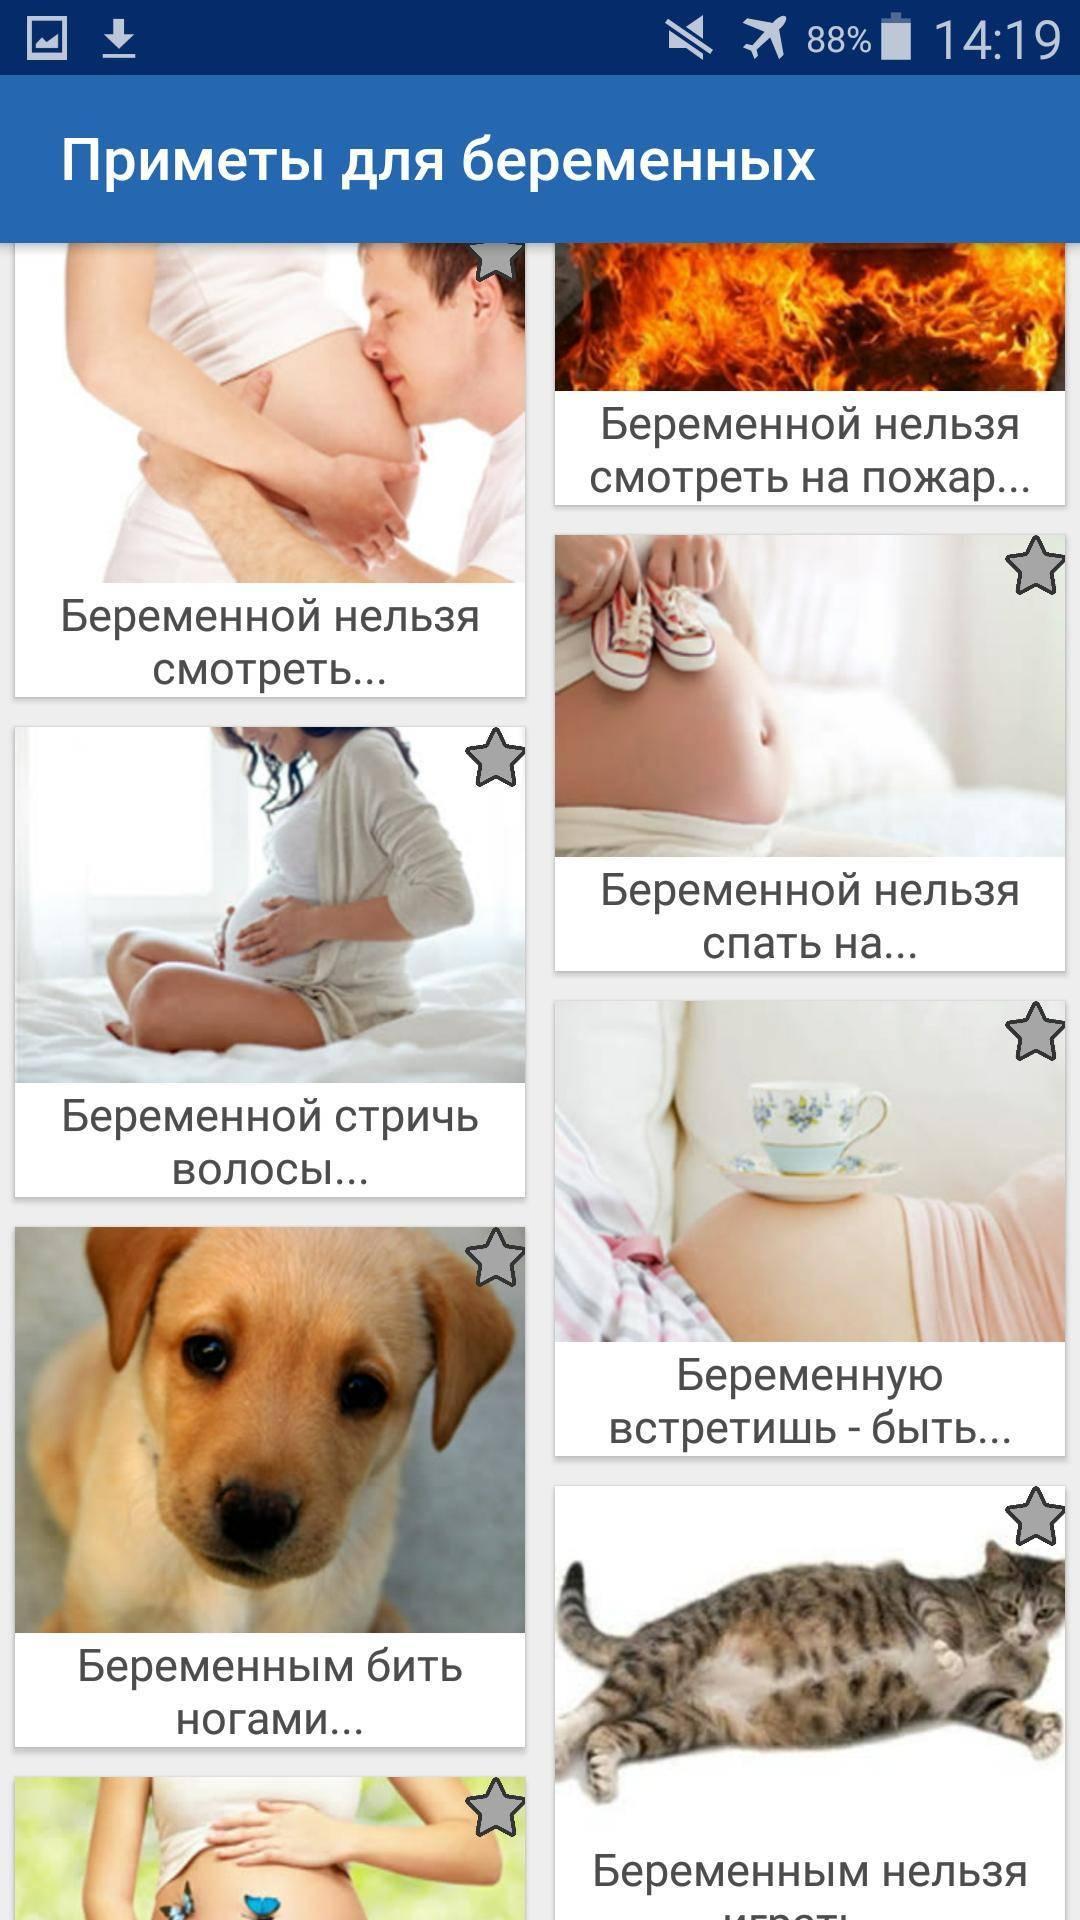 Что нельзя делать беременным — 10 плохих примет и их толкование